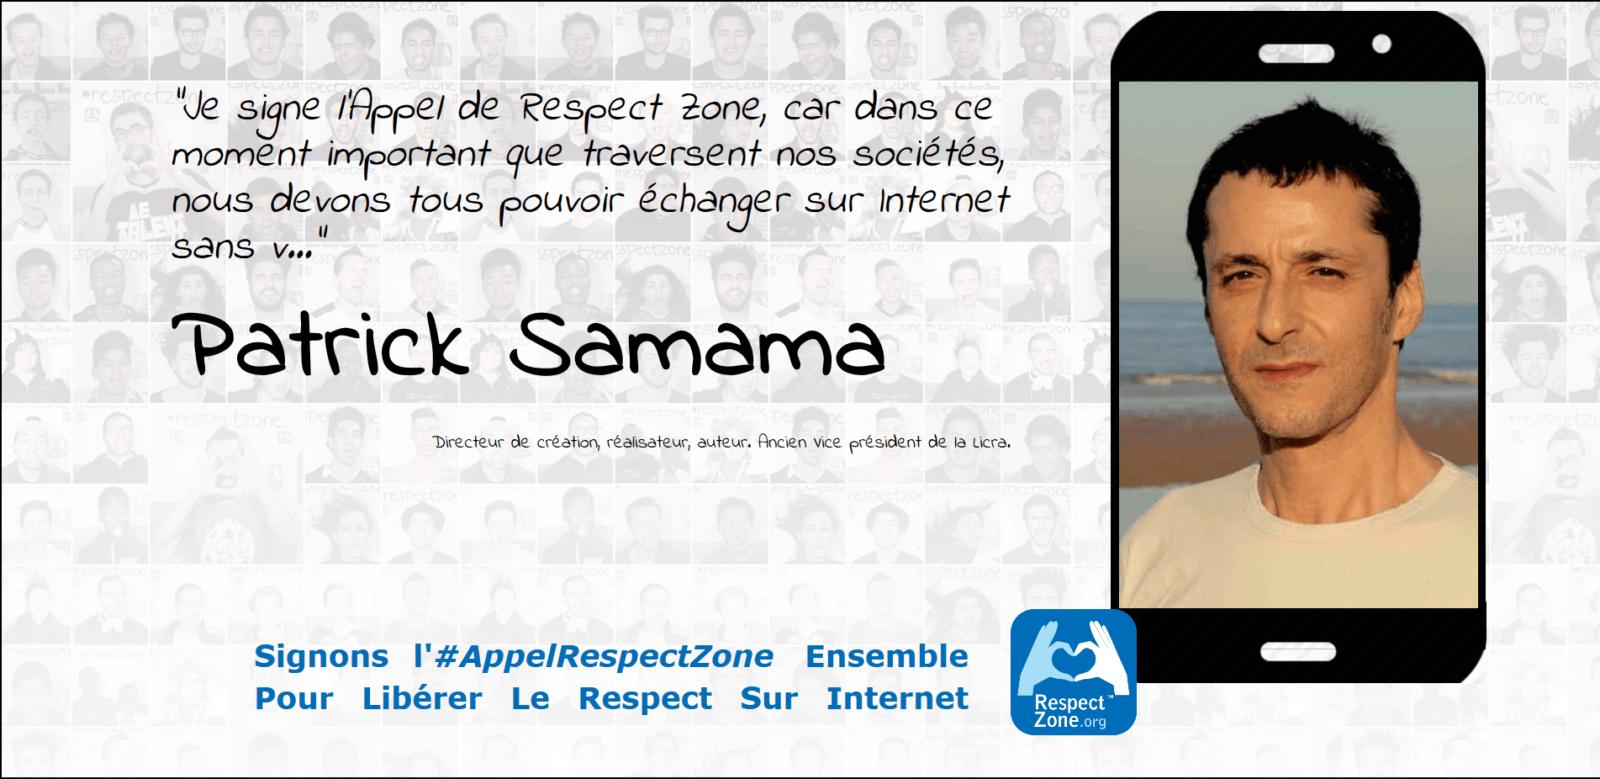 Patrick Samama